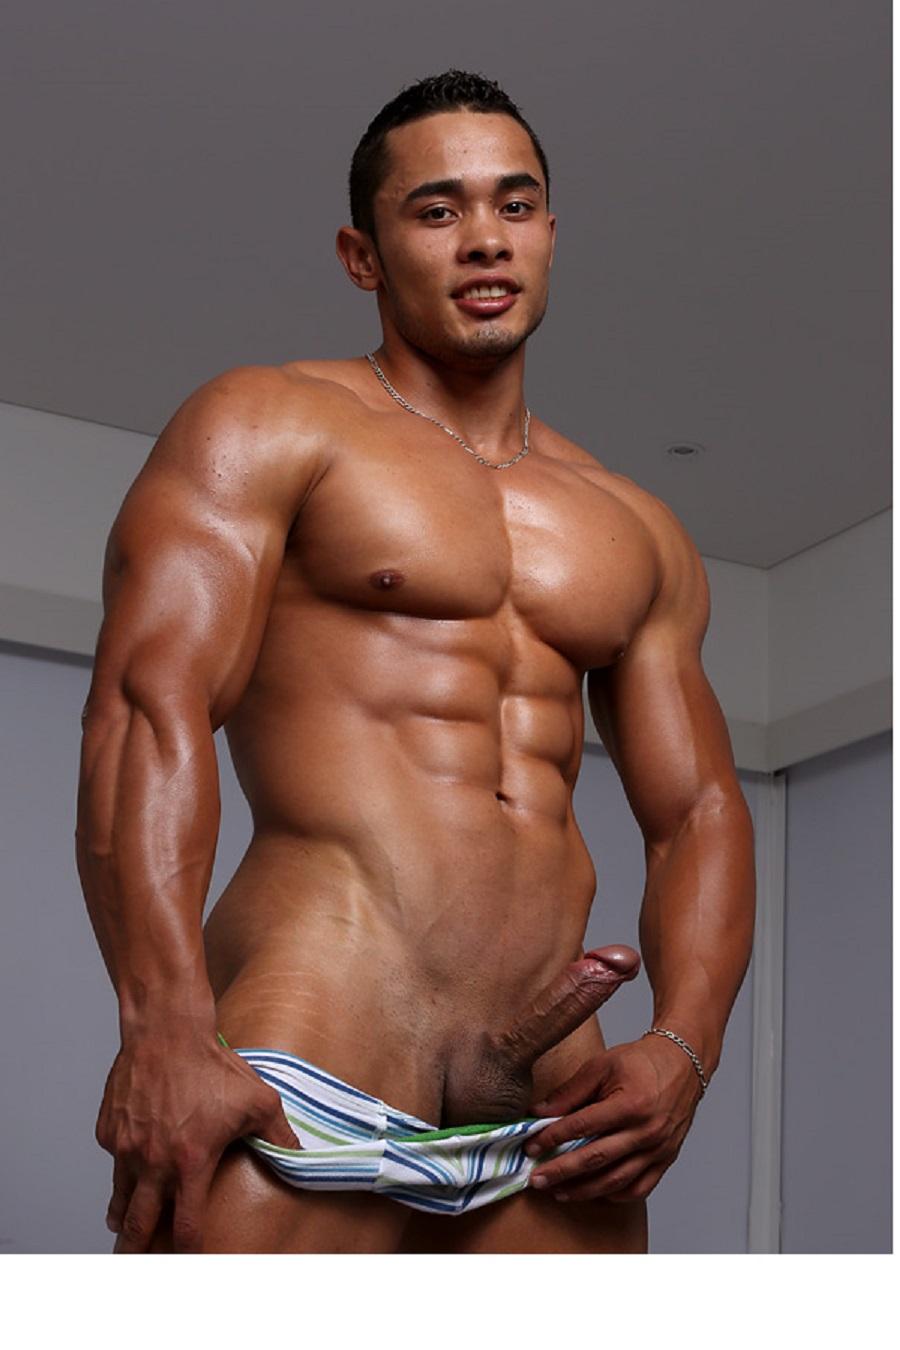 nude bodybuilders